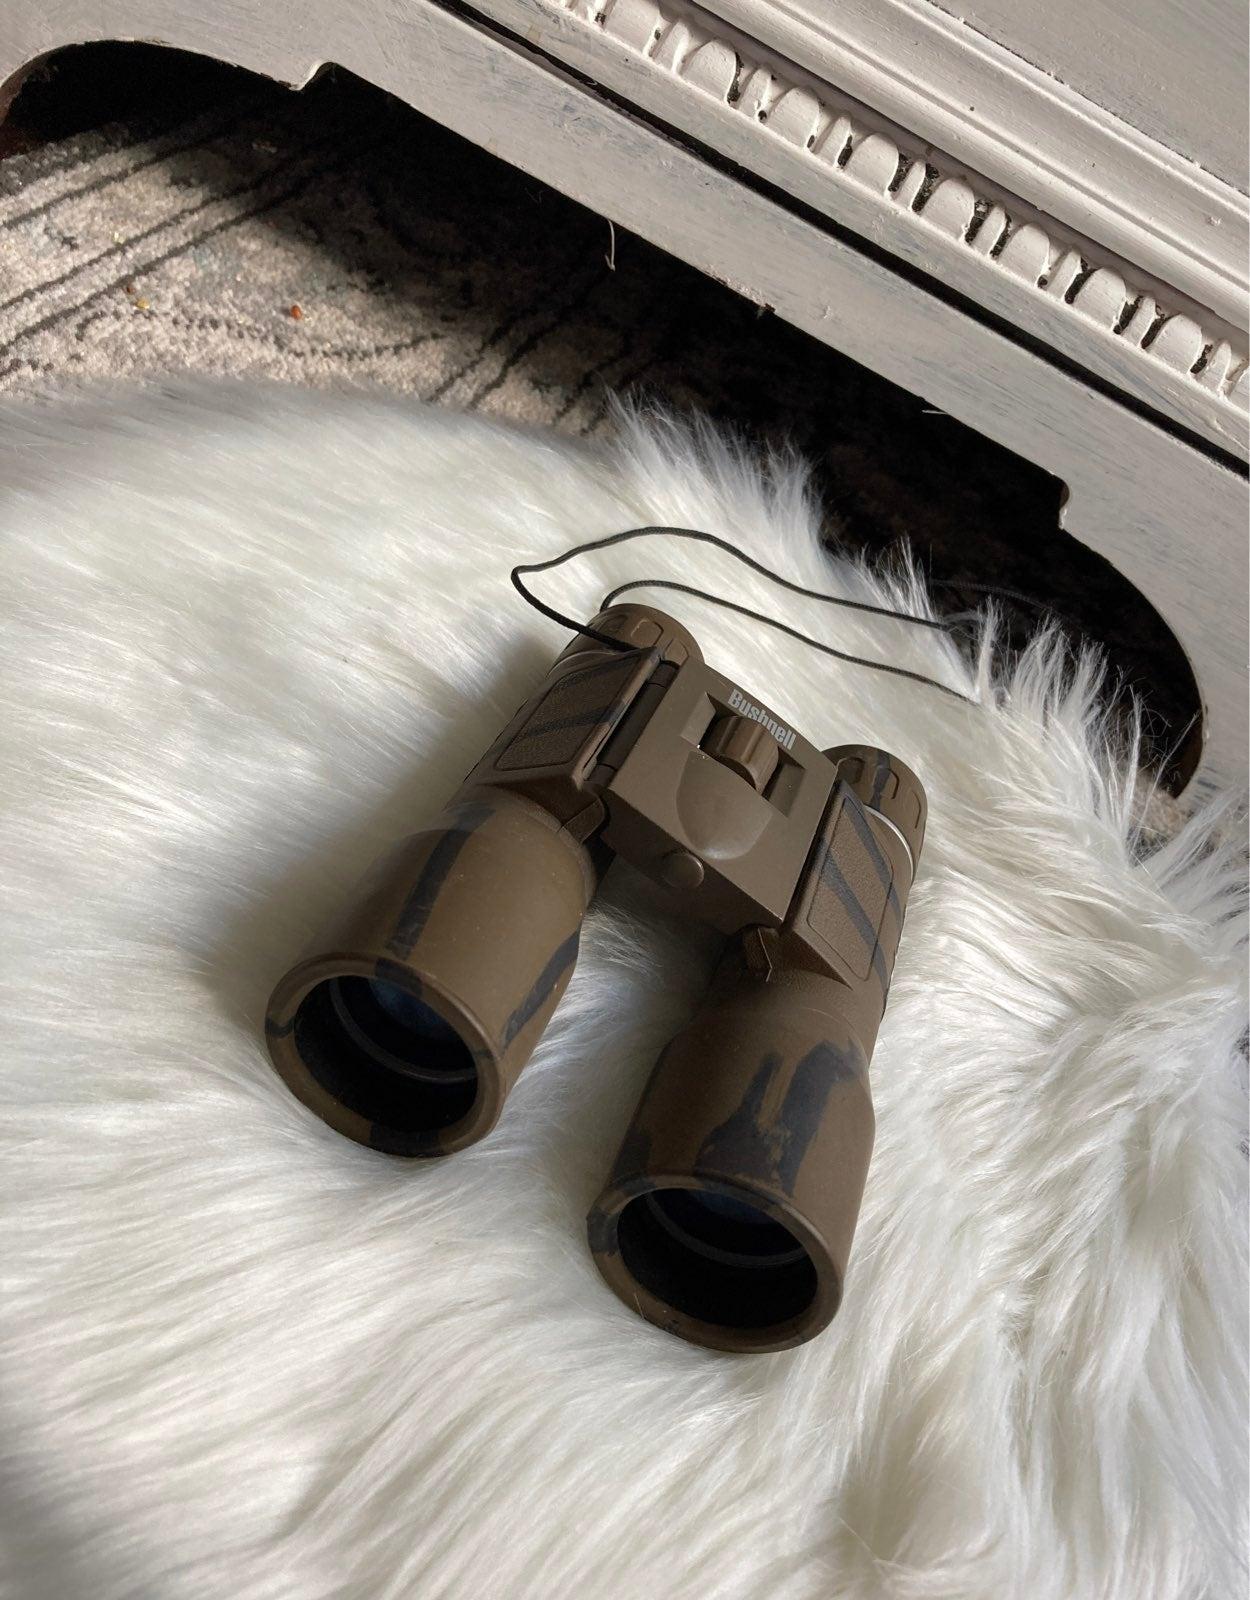 Buschnell binoculars kids